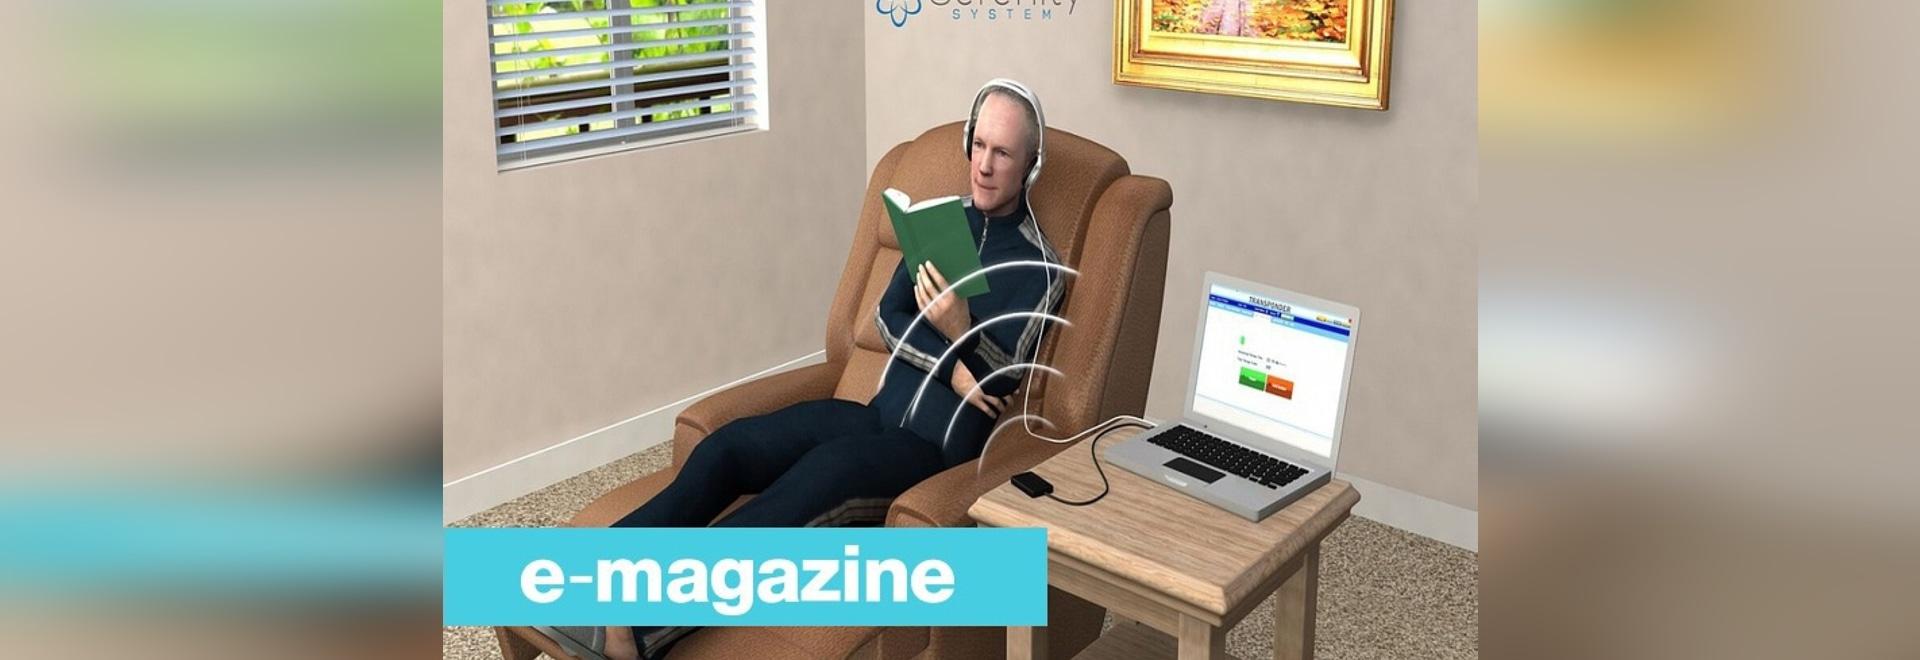 Magazine Apprendre La Photo un stimulateur de nerf vague pour augmenter apprendre la